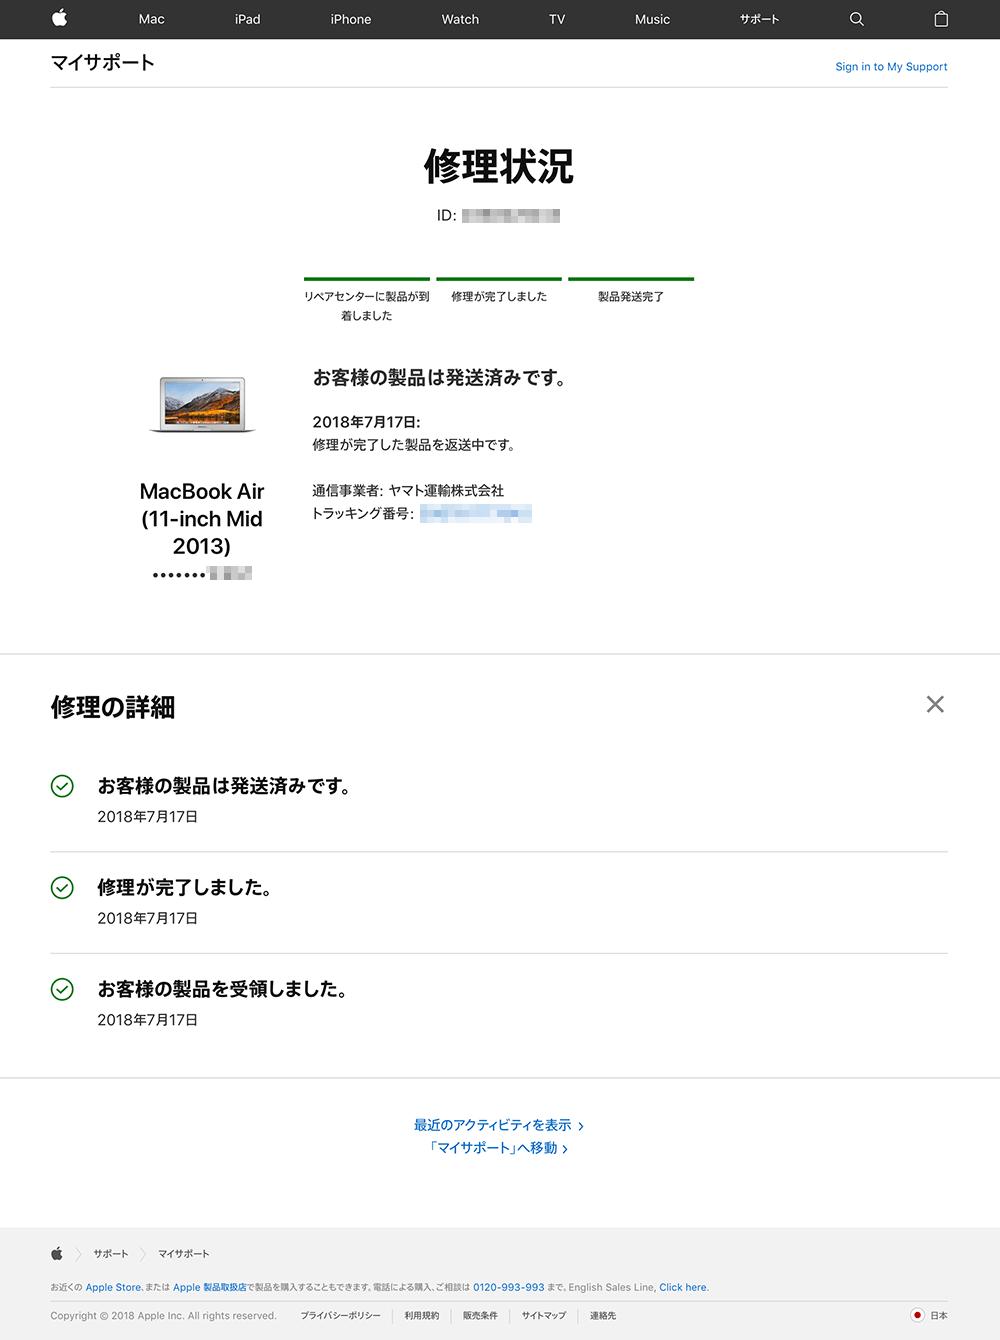 アップル社サポートページの修理状況